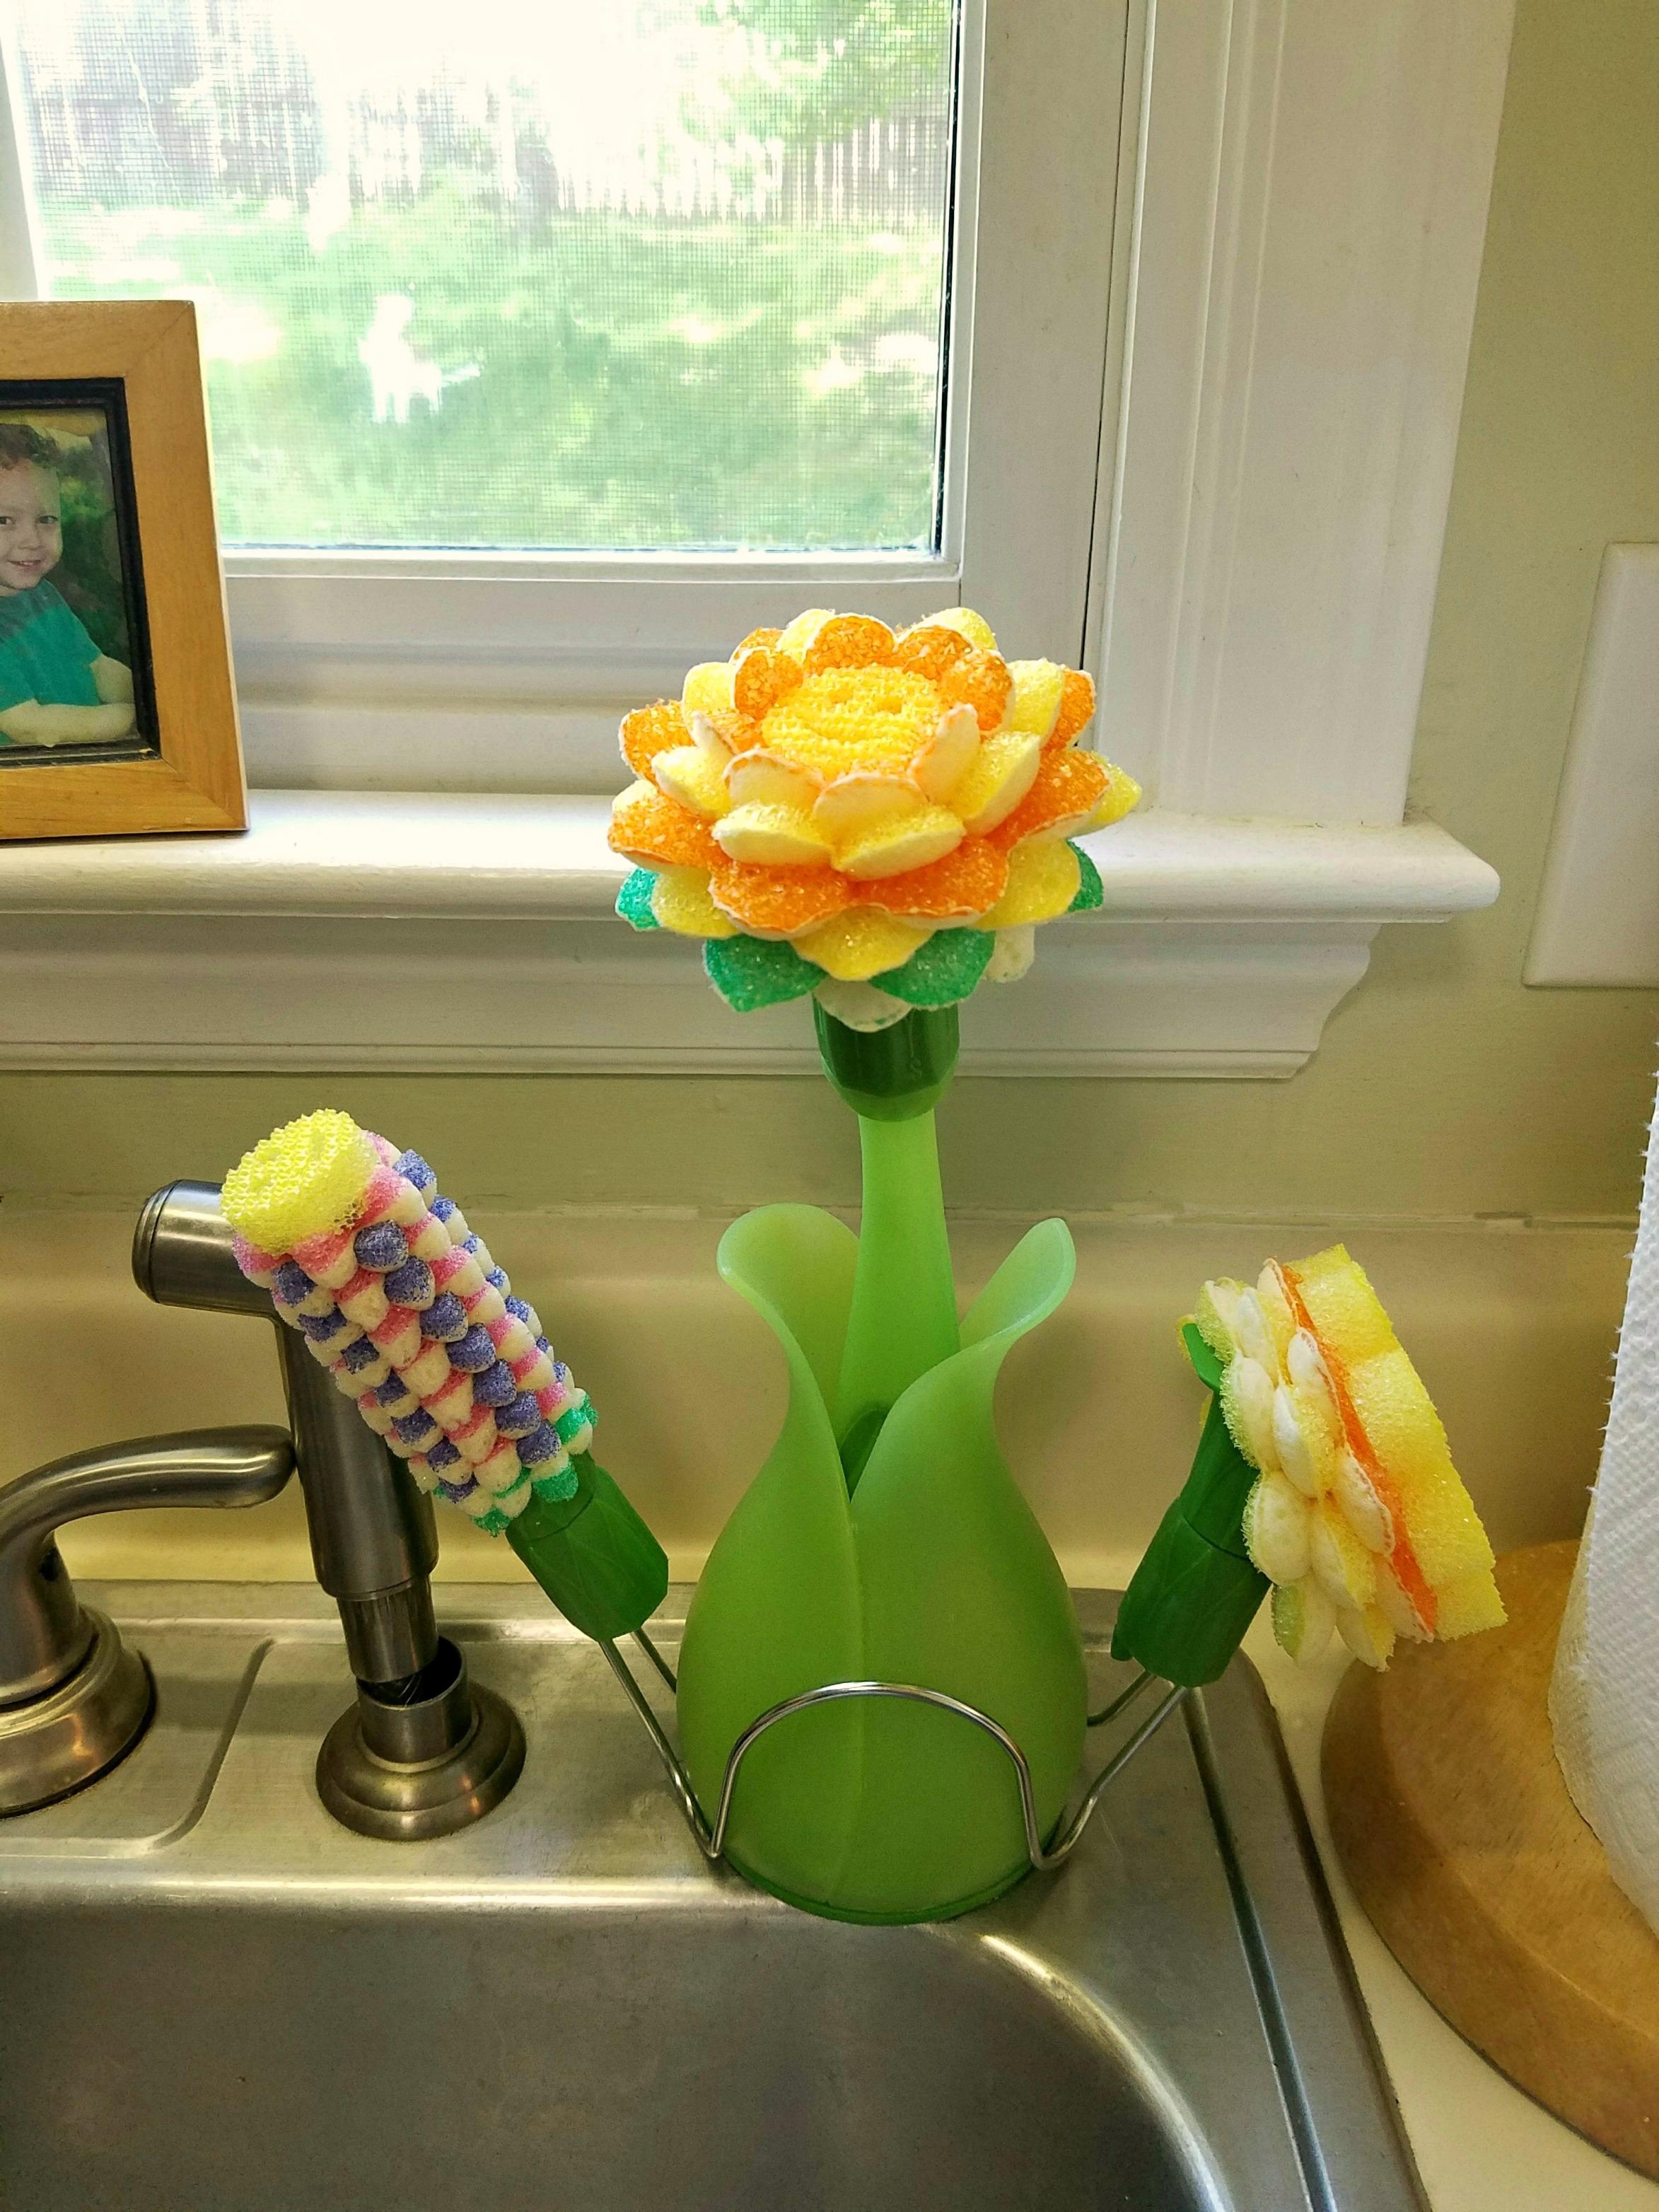 scrub daisy dishwash system